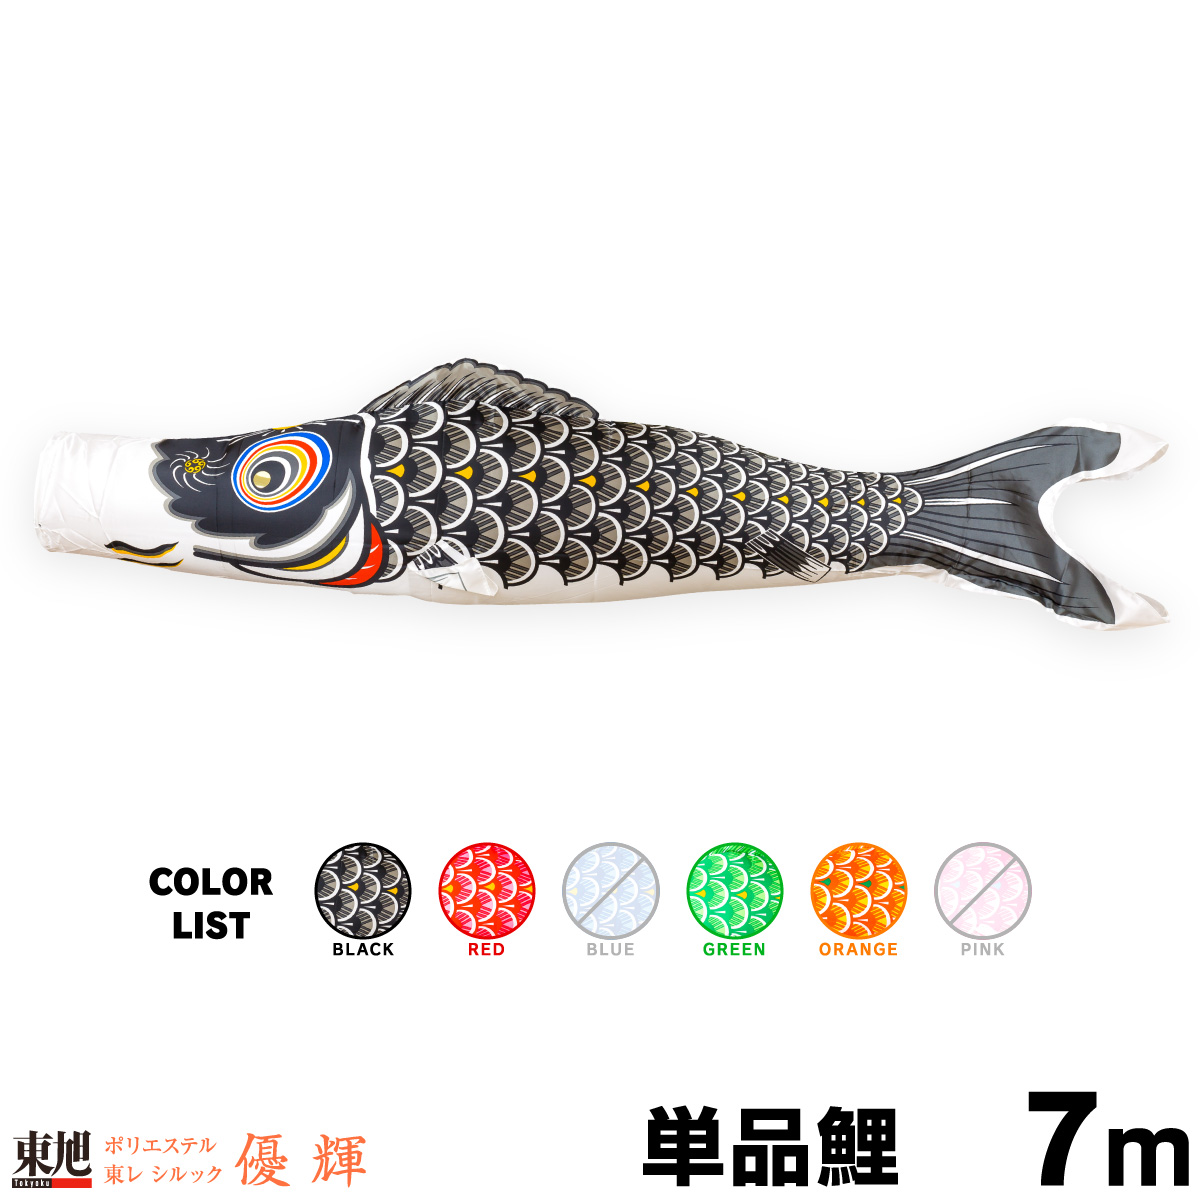 【こいのぼり 単品】 ポリエステル東レ シルック 優輝 7m 単品鯉